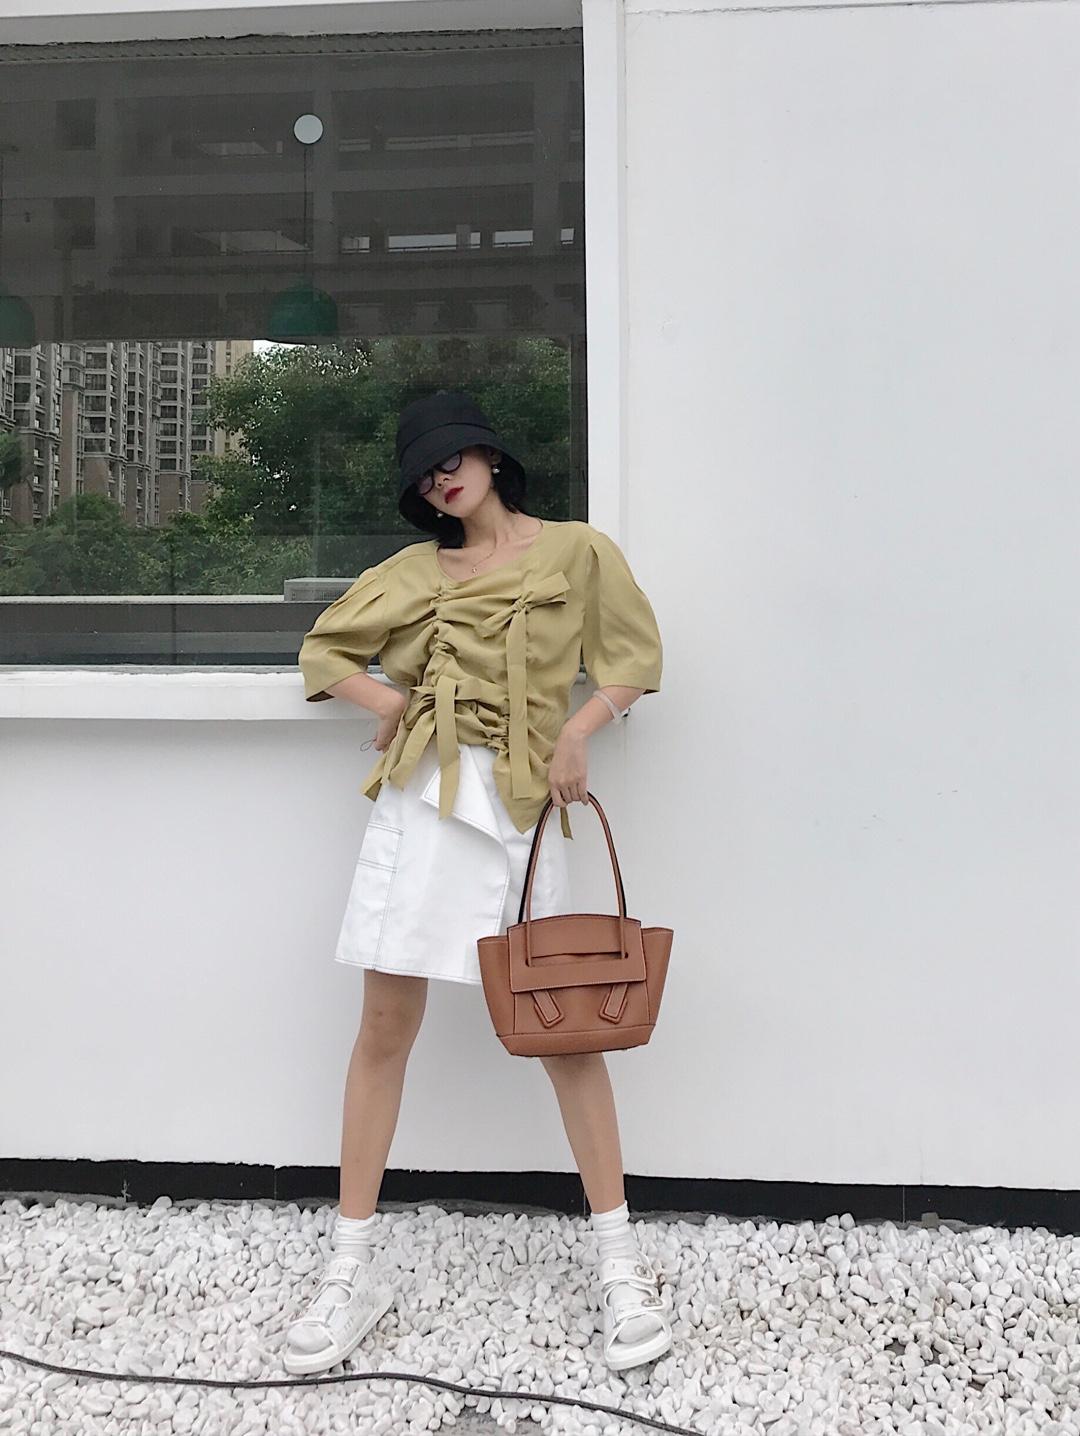 #夏装最后一波,我带你盘!# 不规则可以两穿的半身裙,白色也是百搭色,打破日常半身裙的调性! 上衣可抽褶打蝴蝶结!显得可爱又有个性,芥末绿显白一把手,搭配棕色的包包,今年流行的黑色帽子和镜框,很适合街拍凹造型!搭配整体感更强!